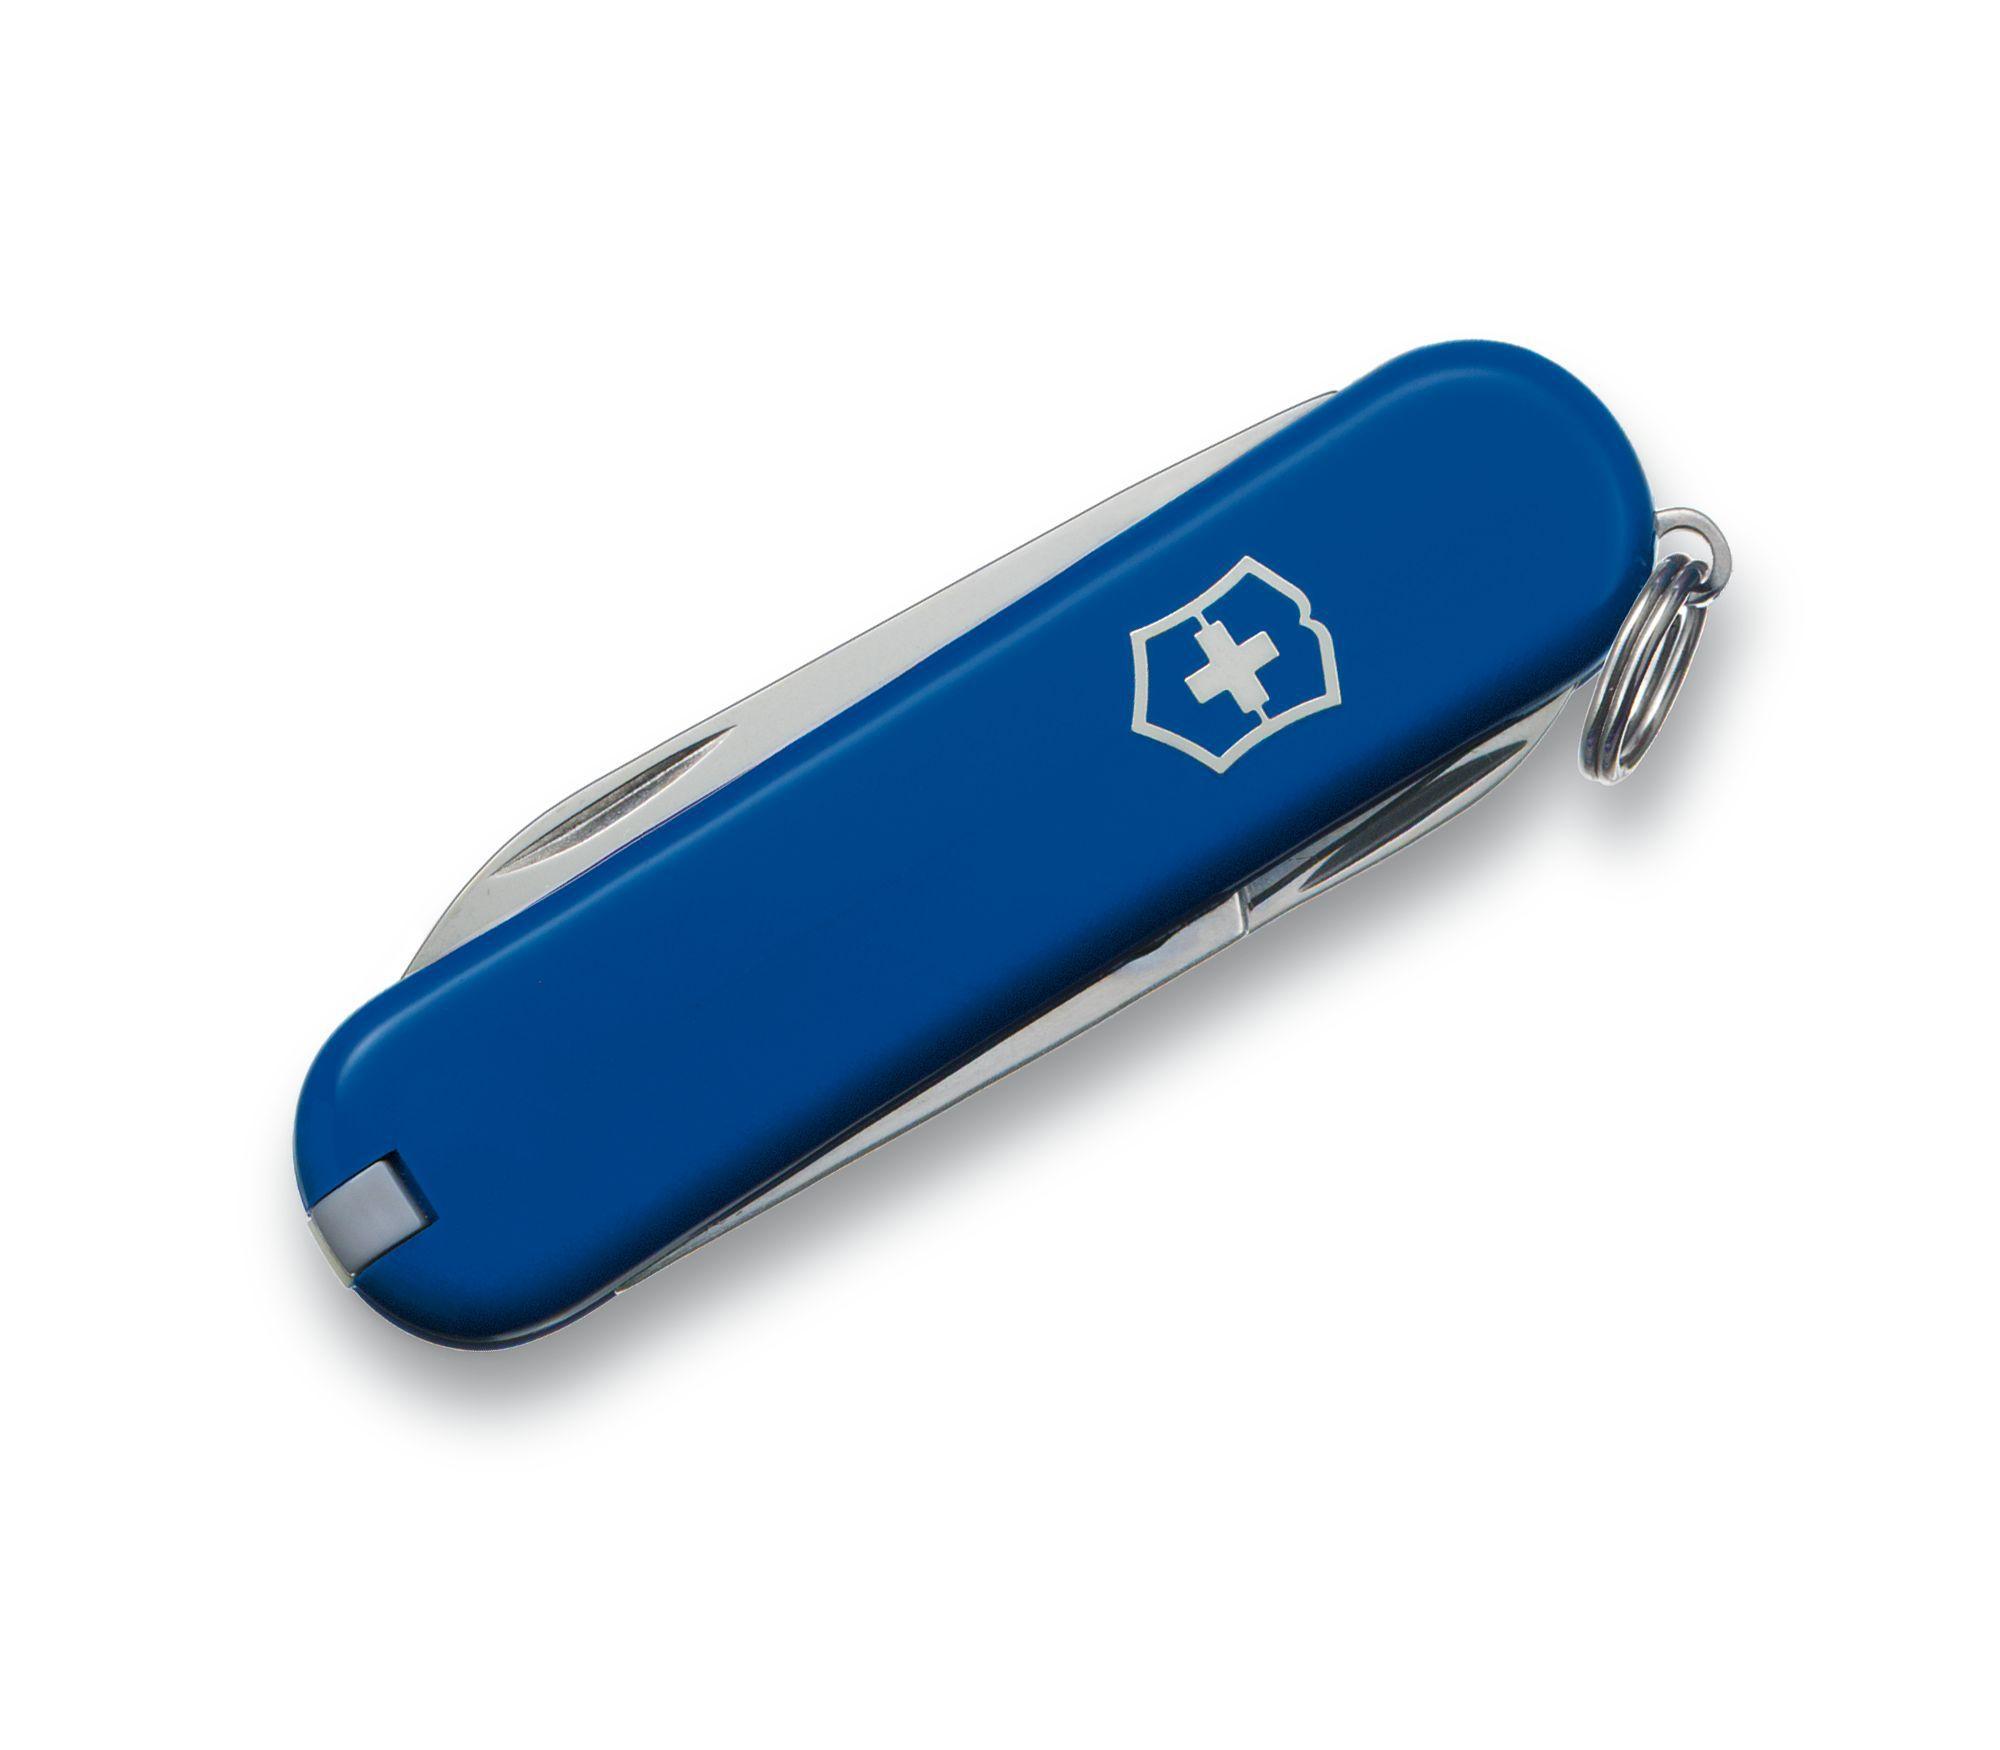 Canivete Victorinox Classic Azul 58mm 0.6223.2